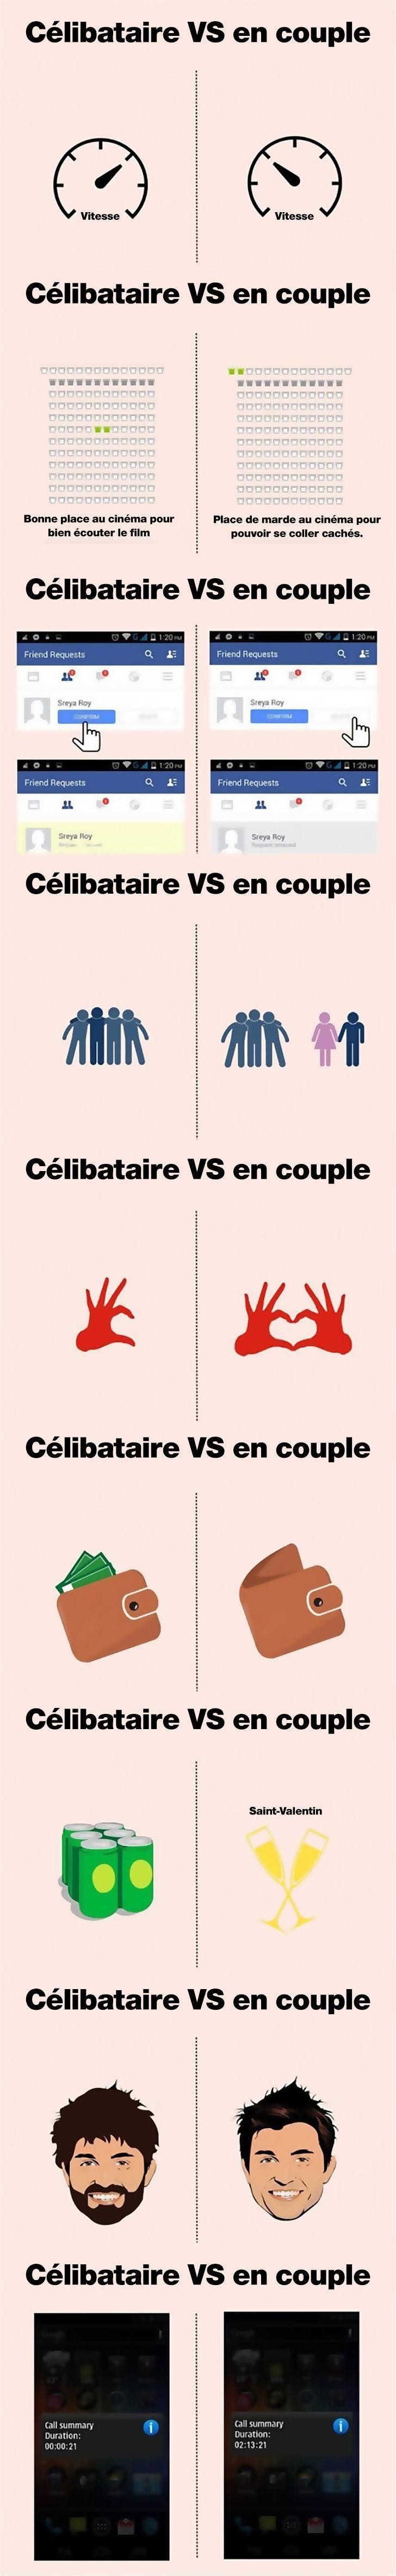 celibS1